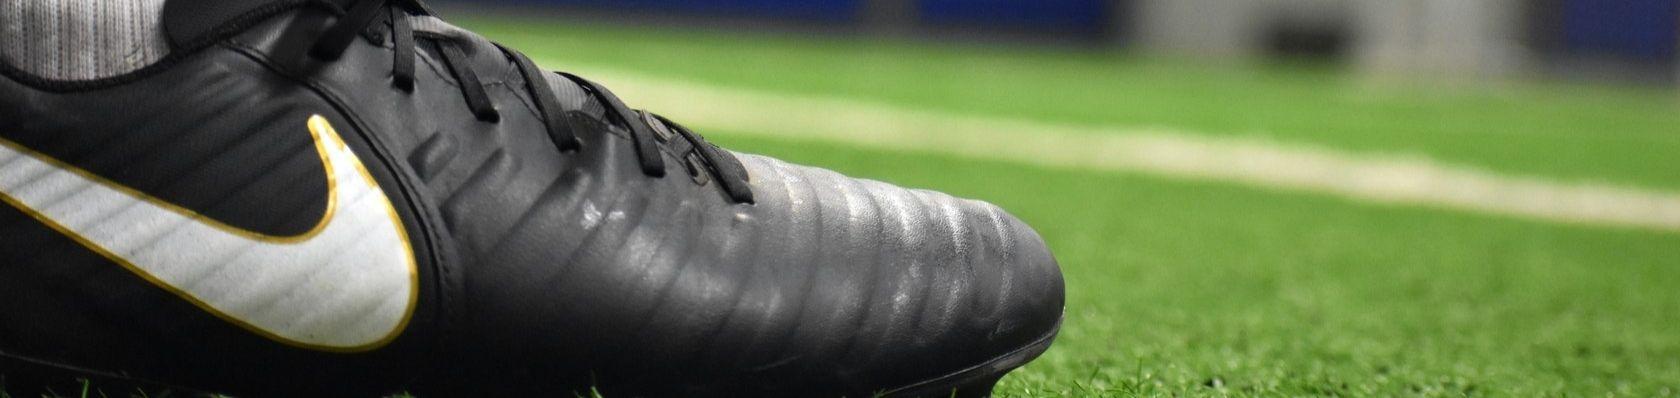 Sepatu Futsal im Test auf ExpertenTesten.de